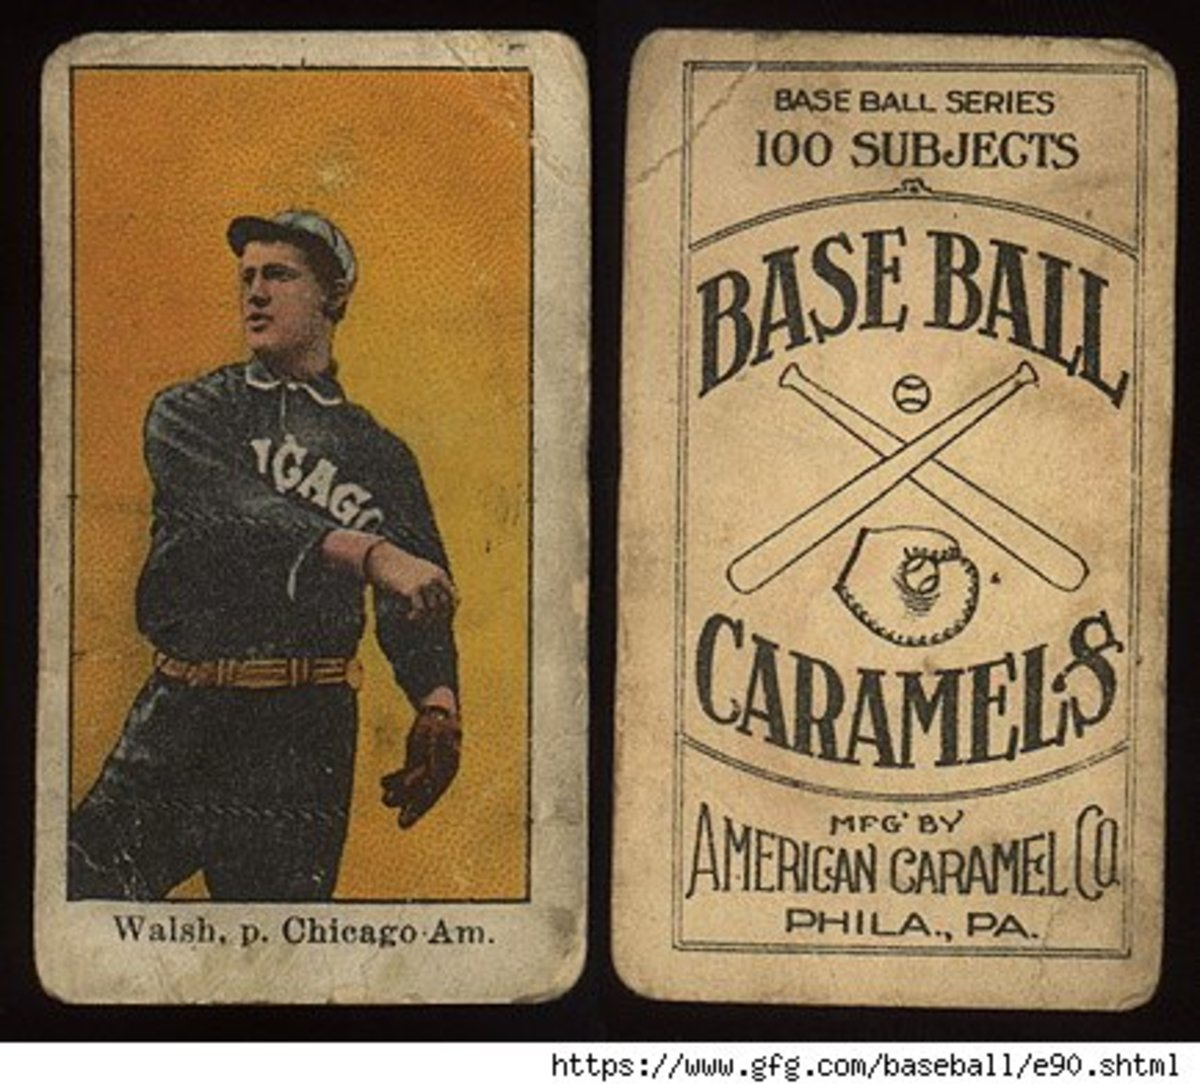 Old baseball caramels card.